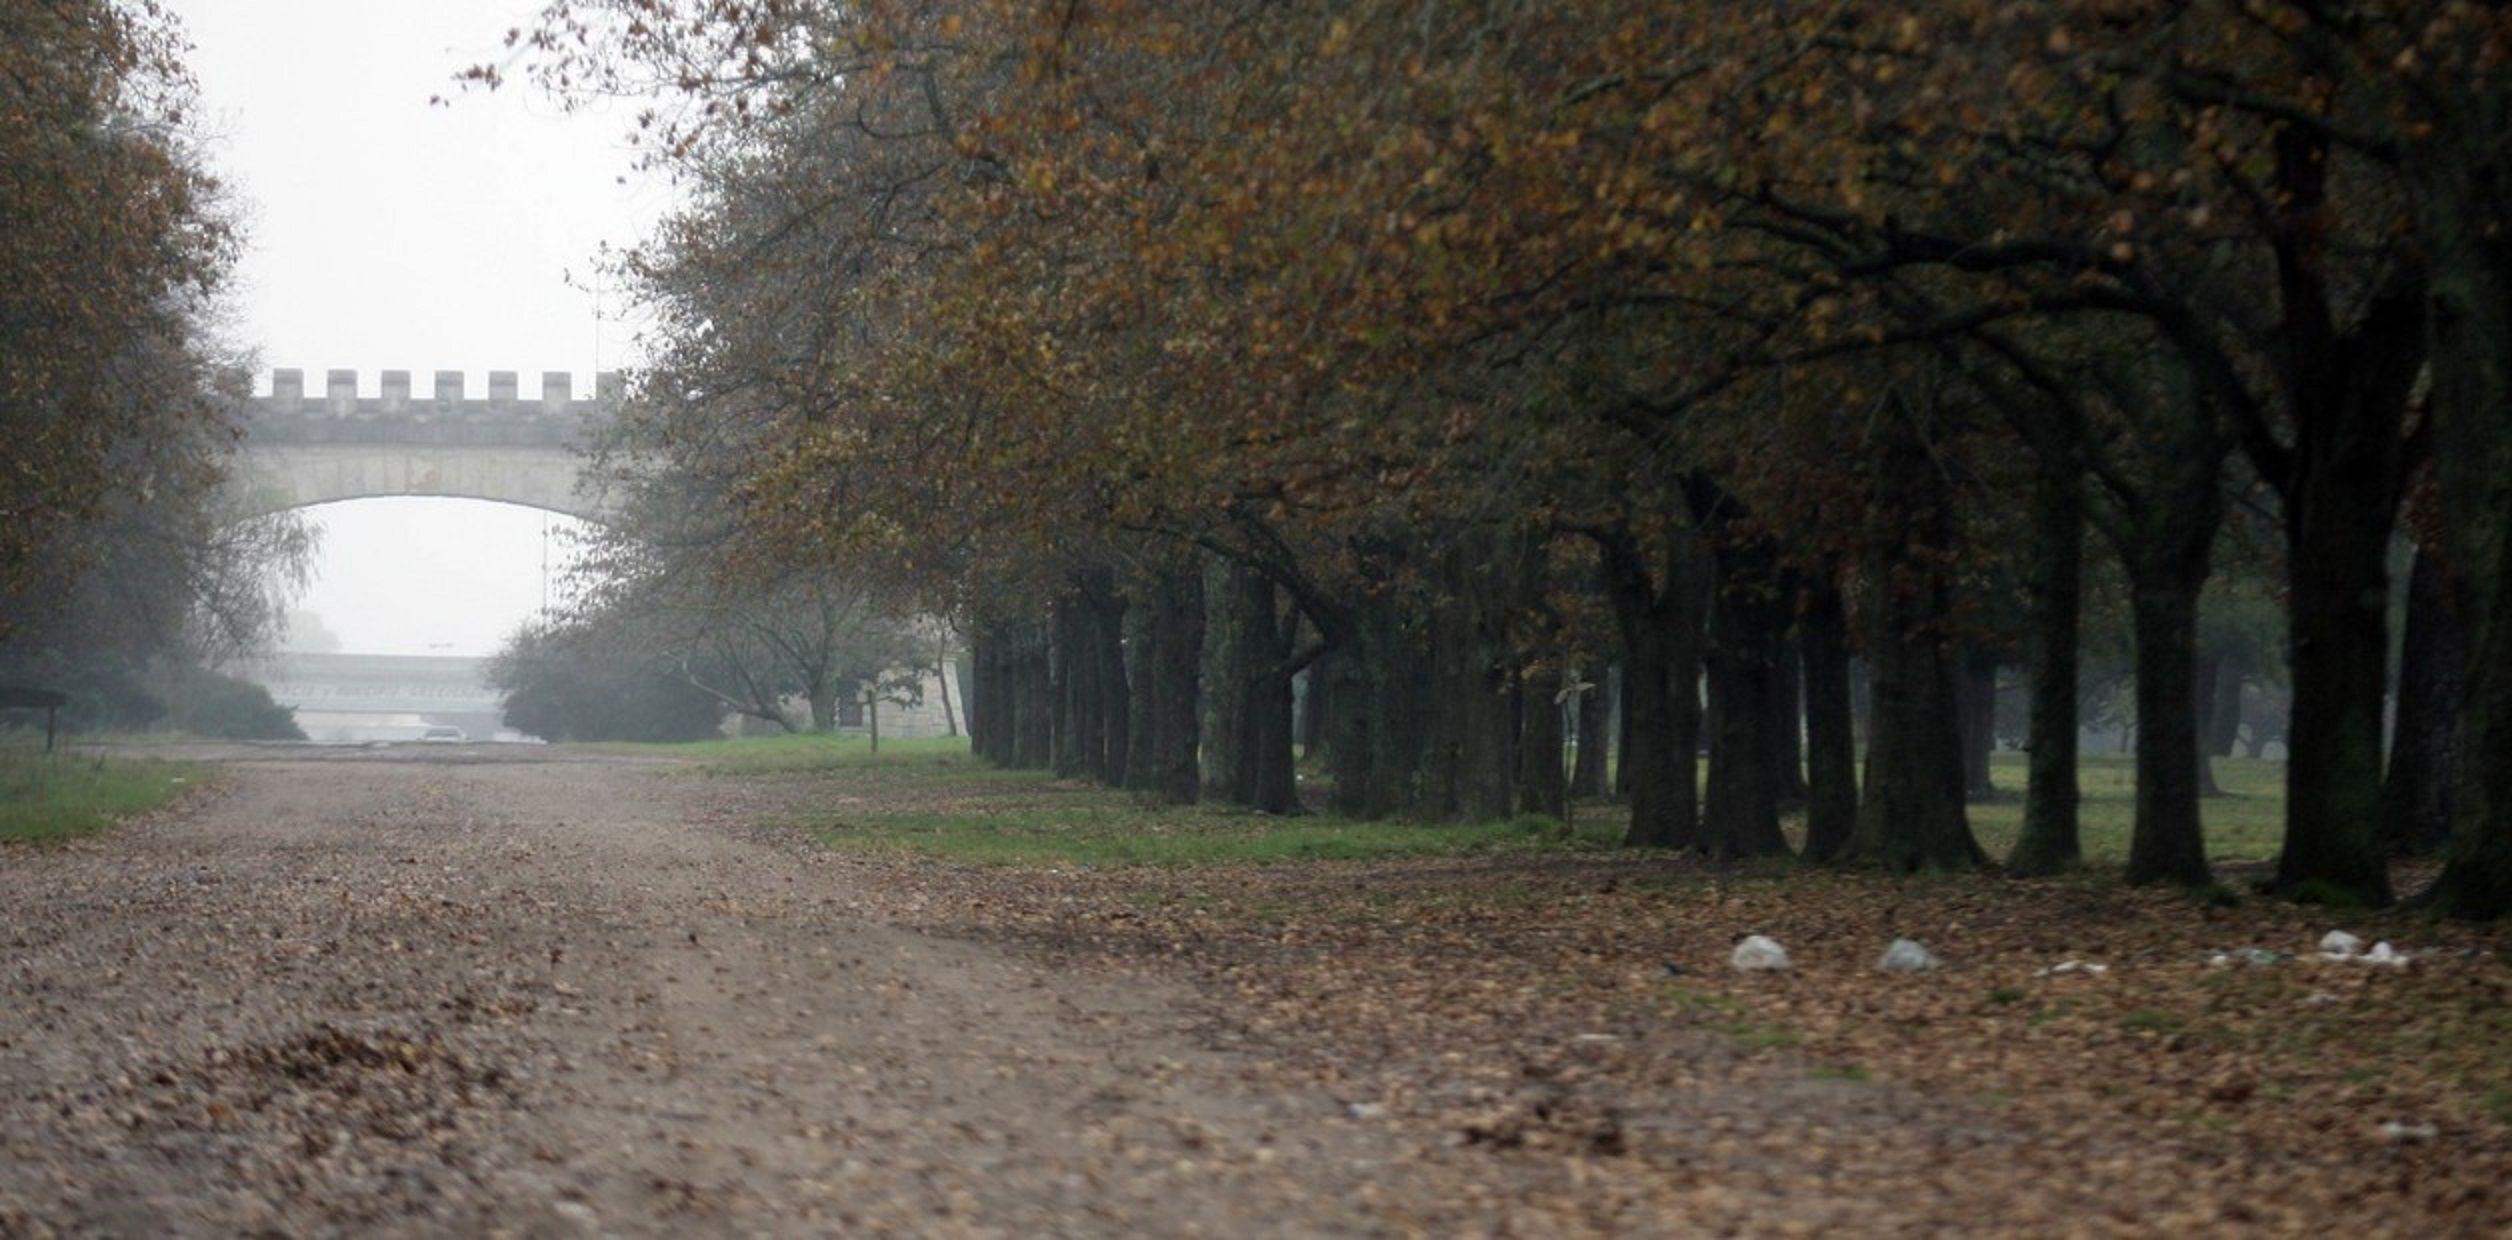 Misterio en La Plata: hallaron muerta a una mujer en el Parque Pereyra Iraola